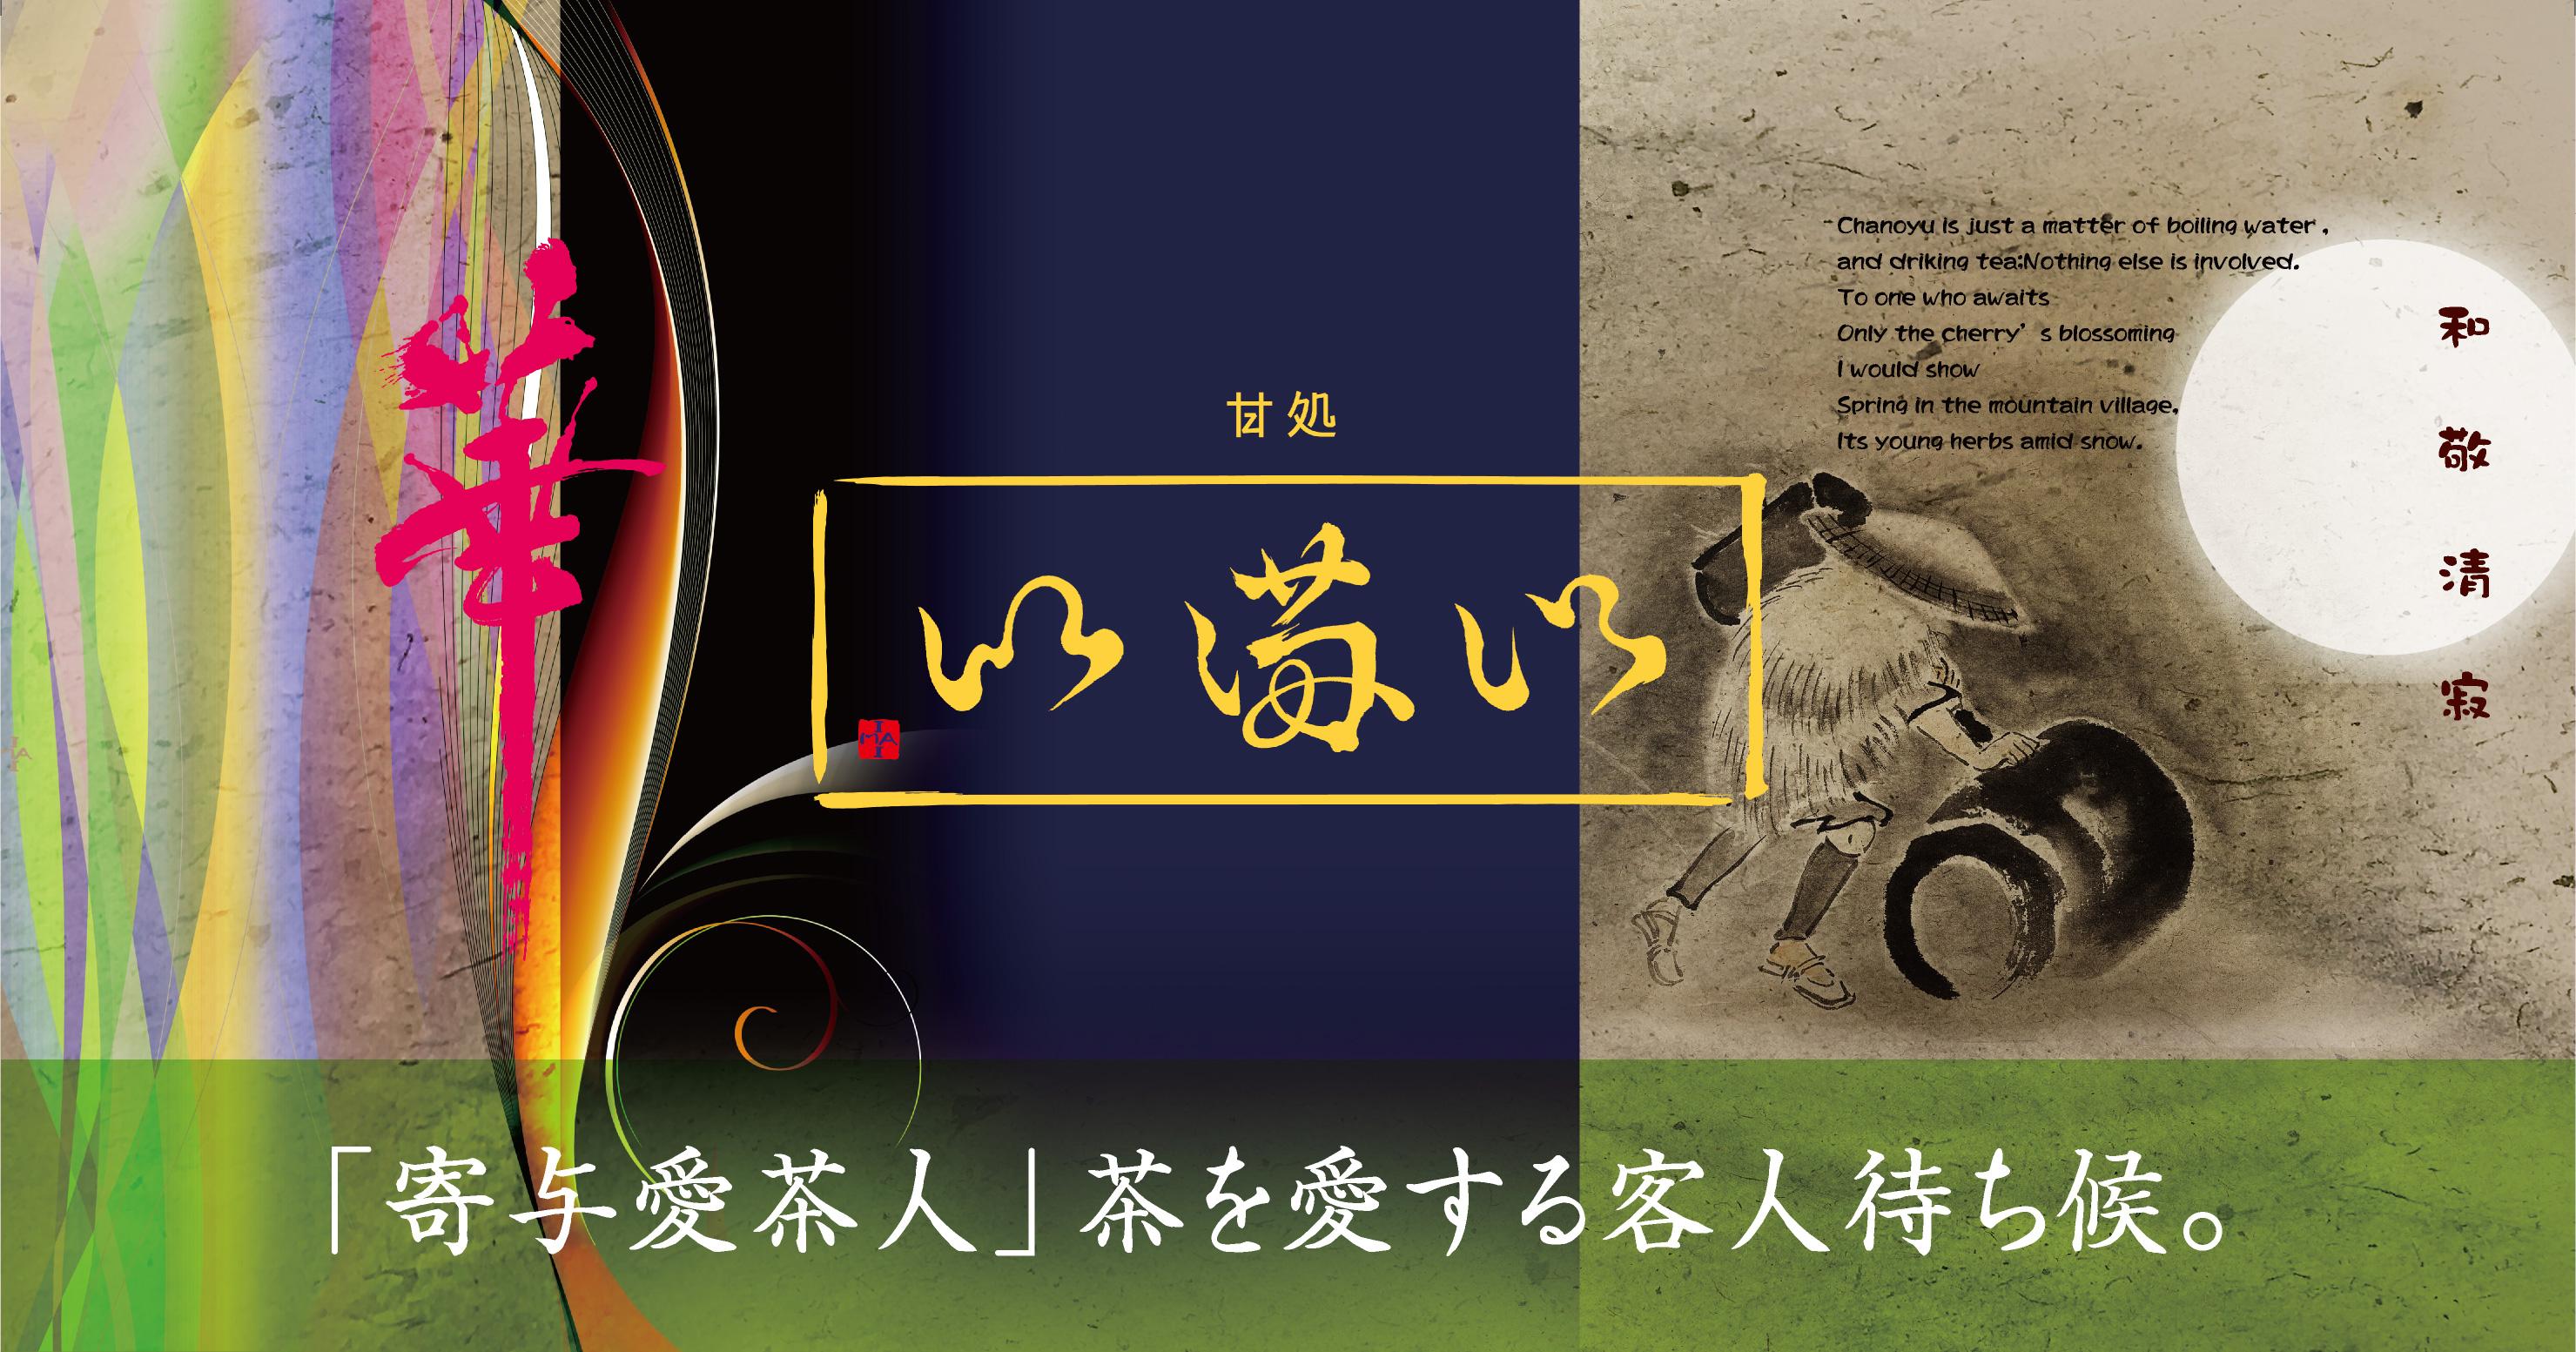 【公式】和・かふぇ「いまい」。創業明治25年 尾張の商舗「いまい」和みの甘味処。